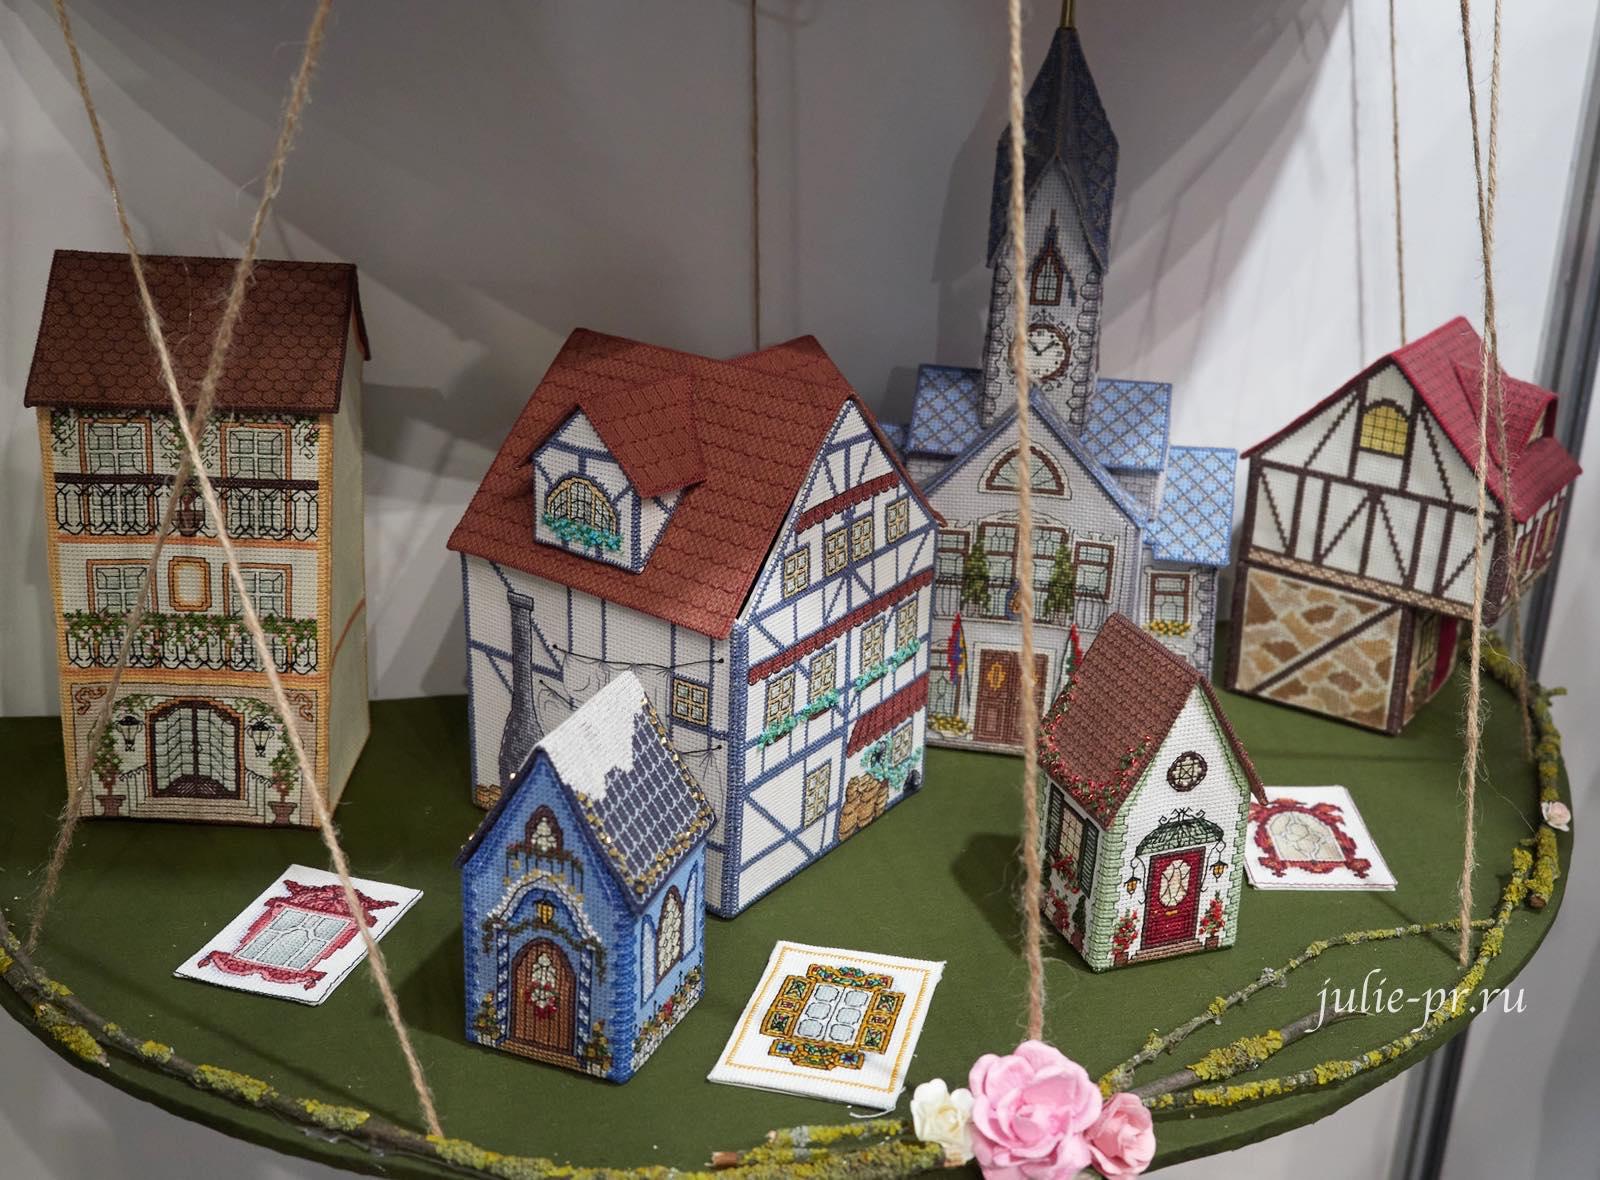 Вышидомики, вышивка крестом, домики на пластиковой канве, выставка вышивки, Формула рукоделия весна 2021